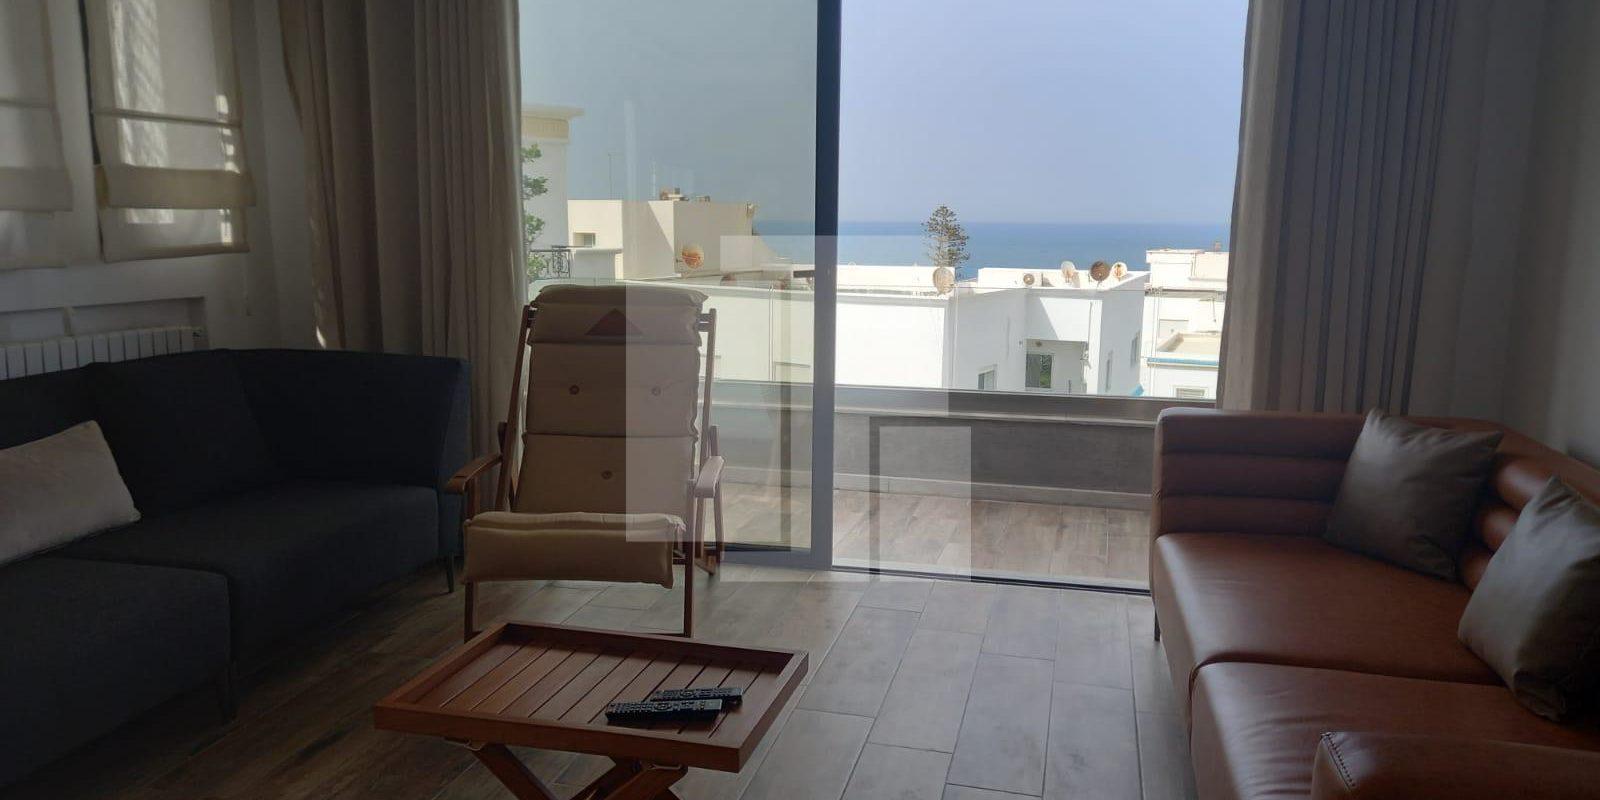 Duplex meublé avec vue mer, Marsa corniche